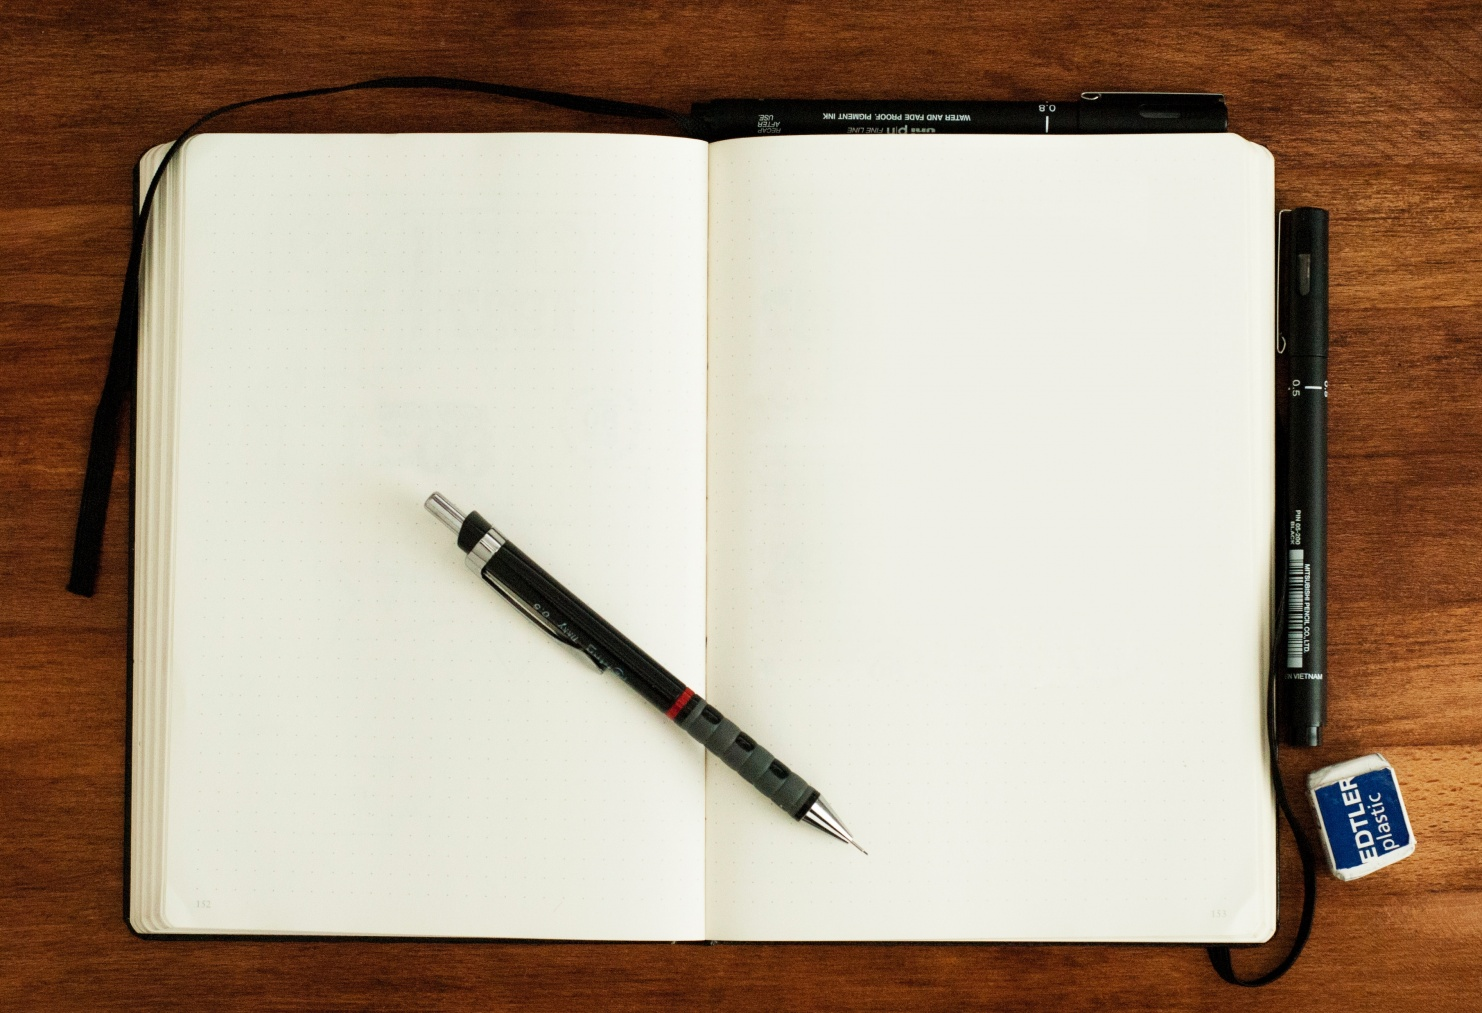 Leeres Notizbuch mit Stift © Photo by Mike Tinnion on Unsplash